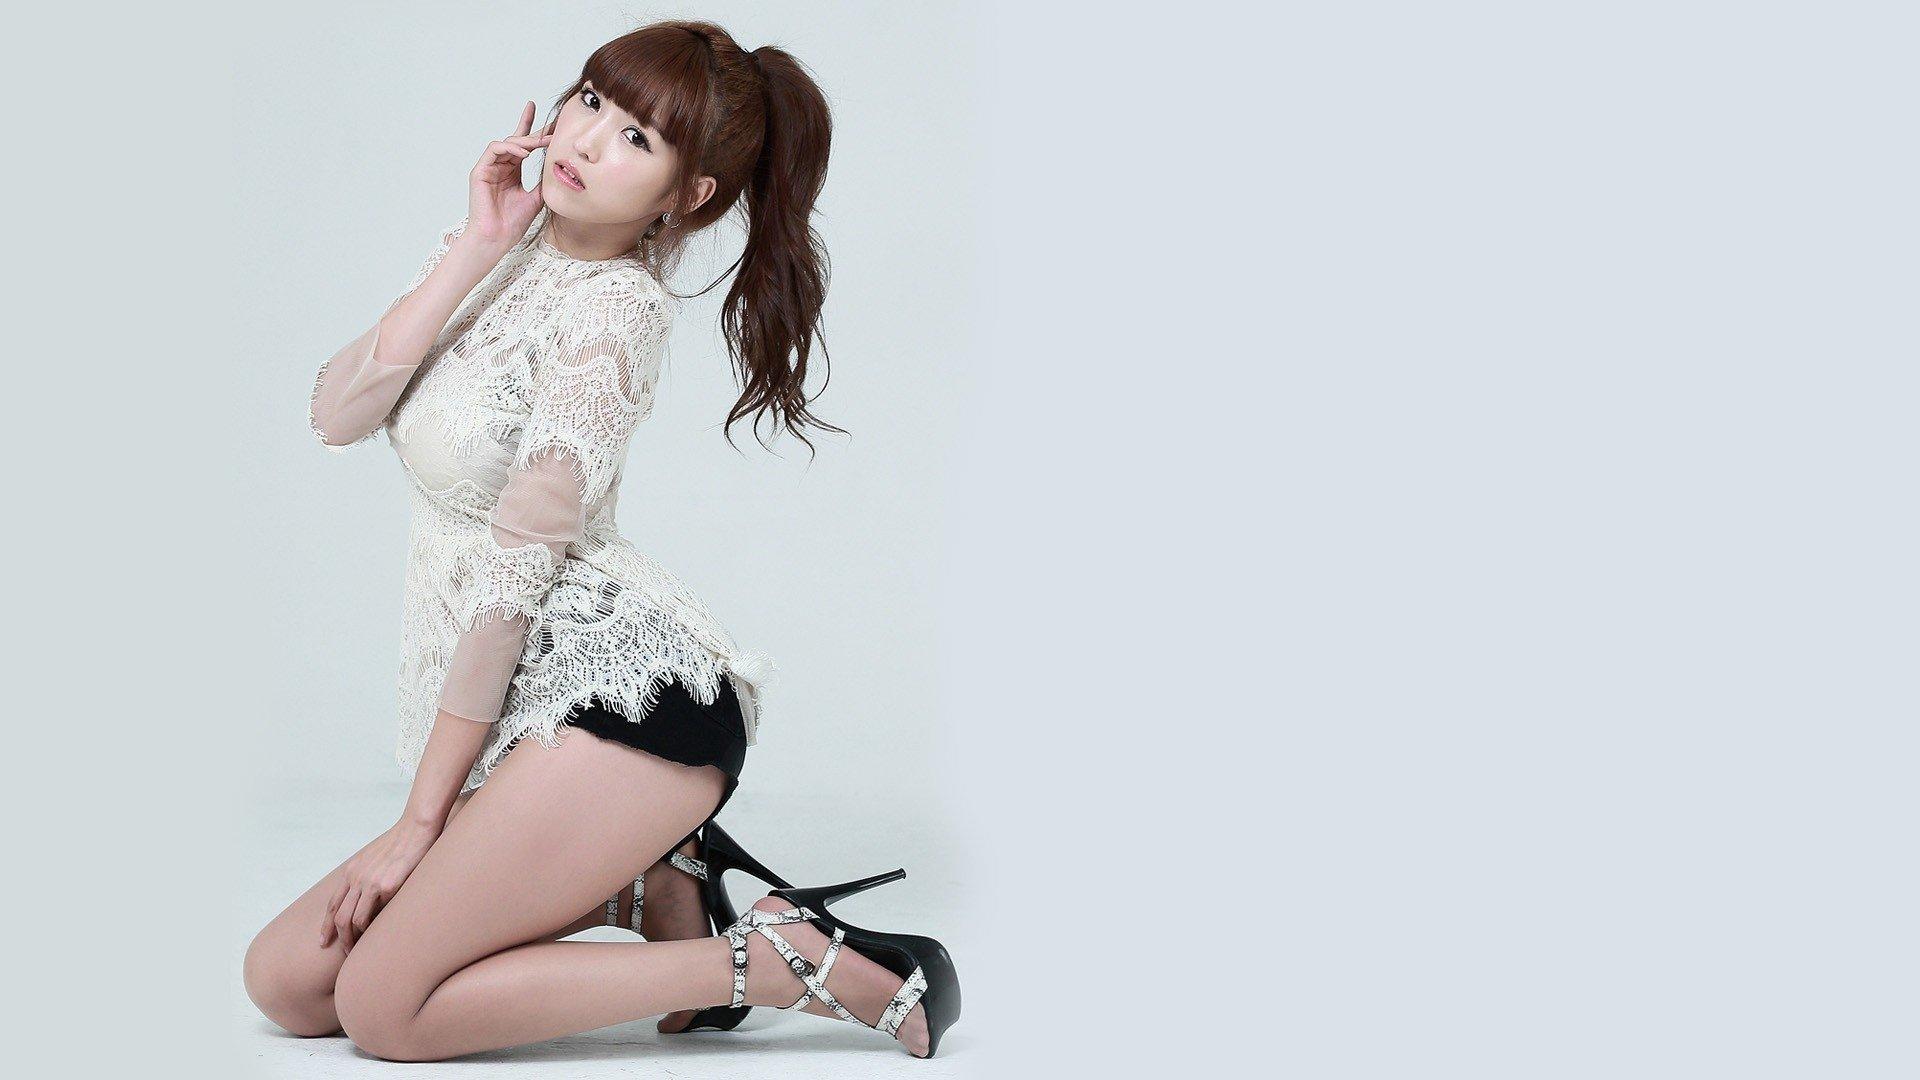 сексуальные японские девушки на каблуках напилась, что